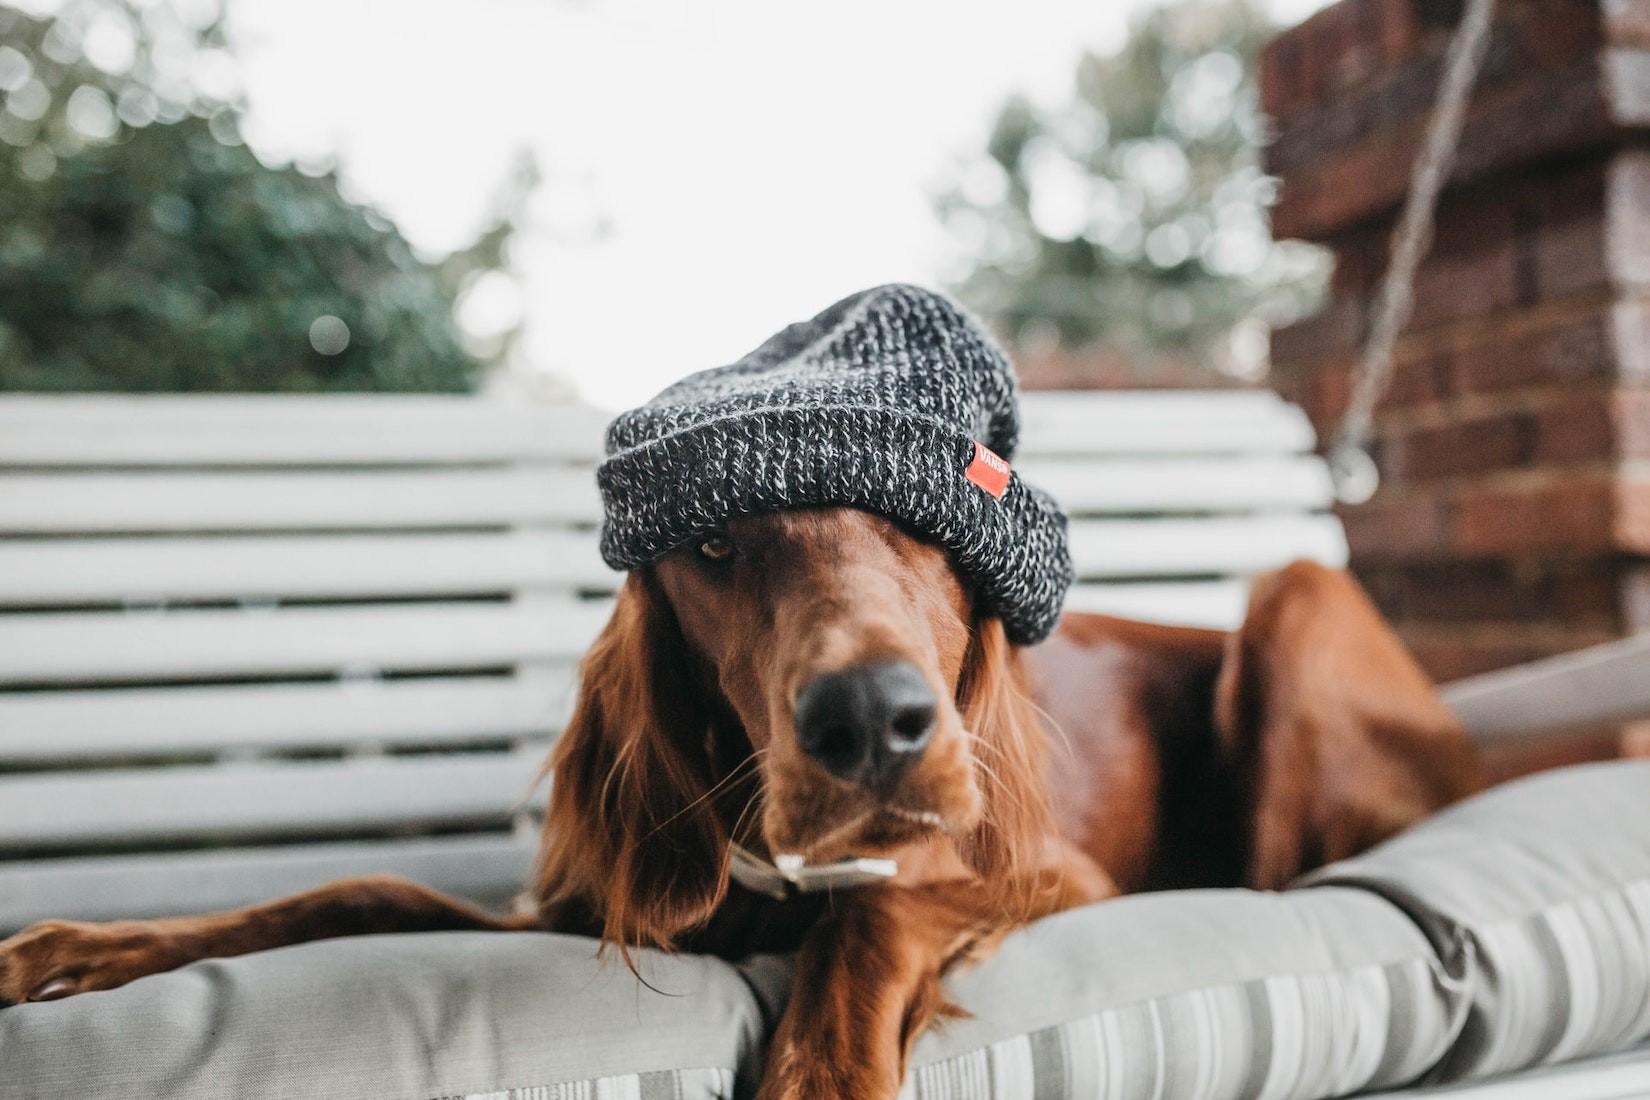 Hund verursacht Schaden: Haftet immer der Halter?